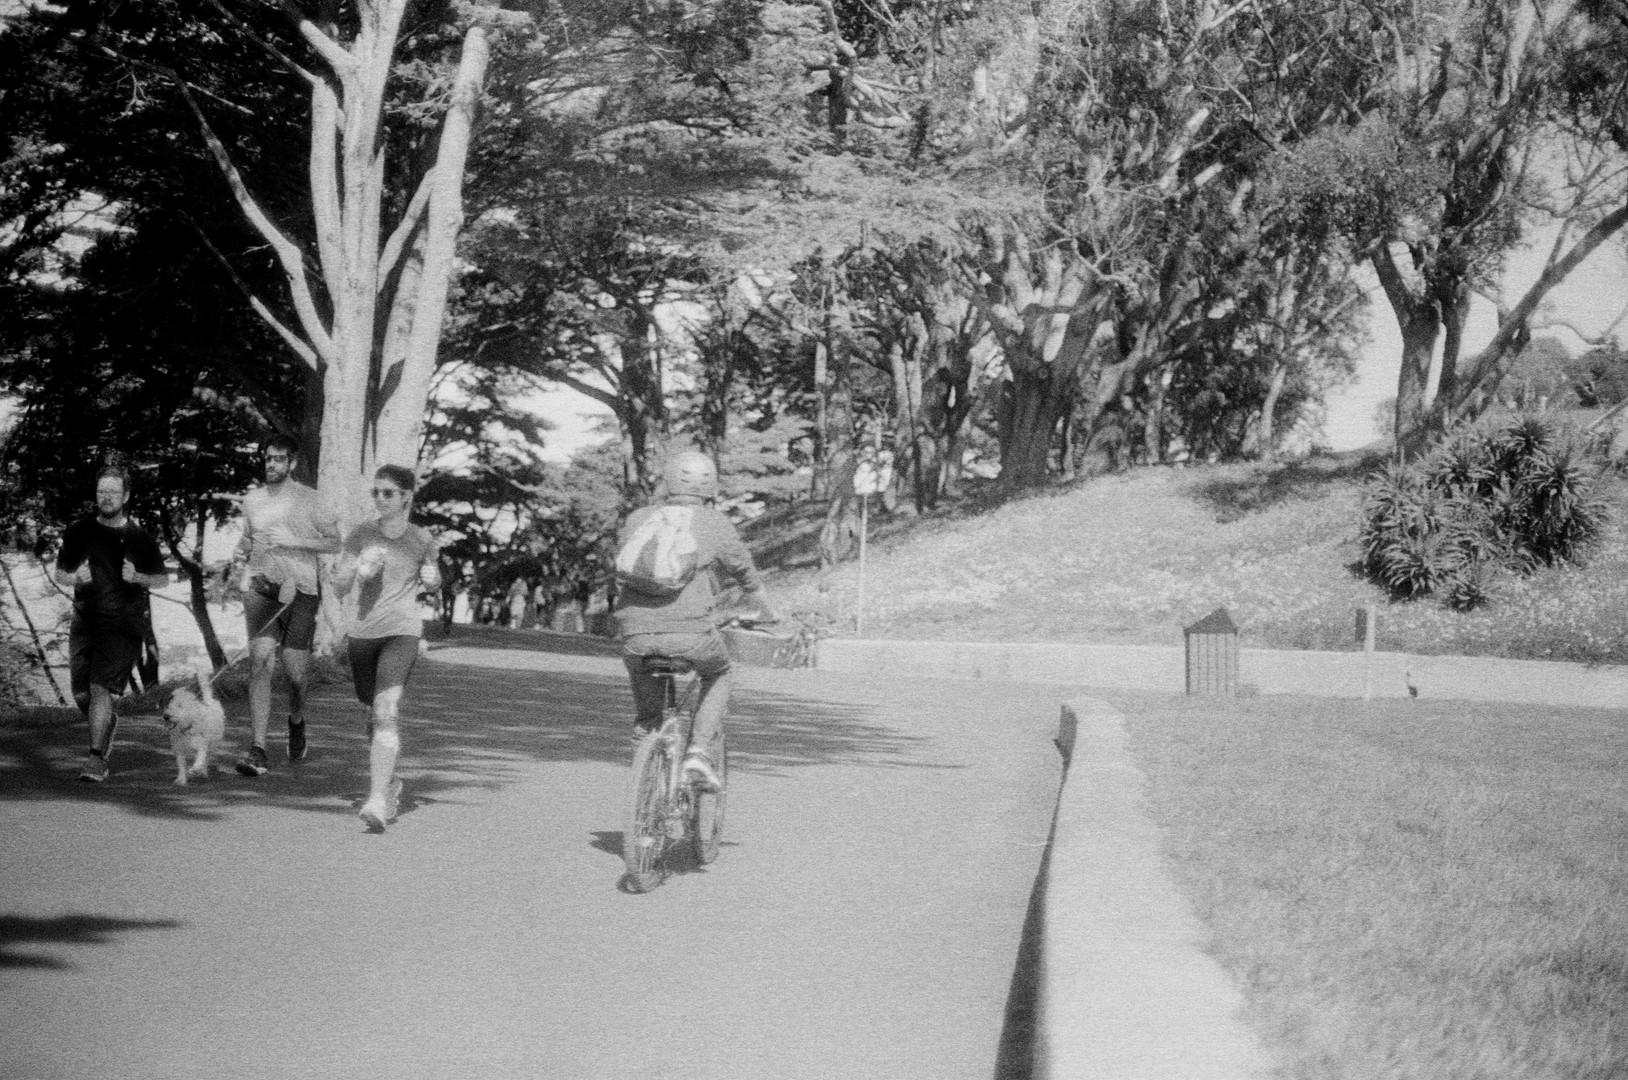 Runners_In_San_Francisco-17.jpg